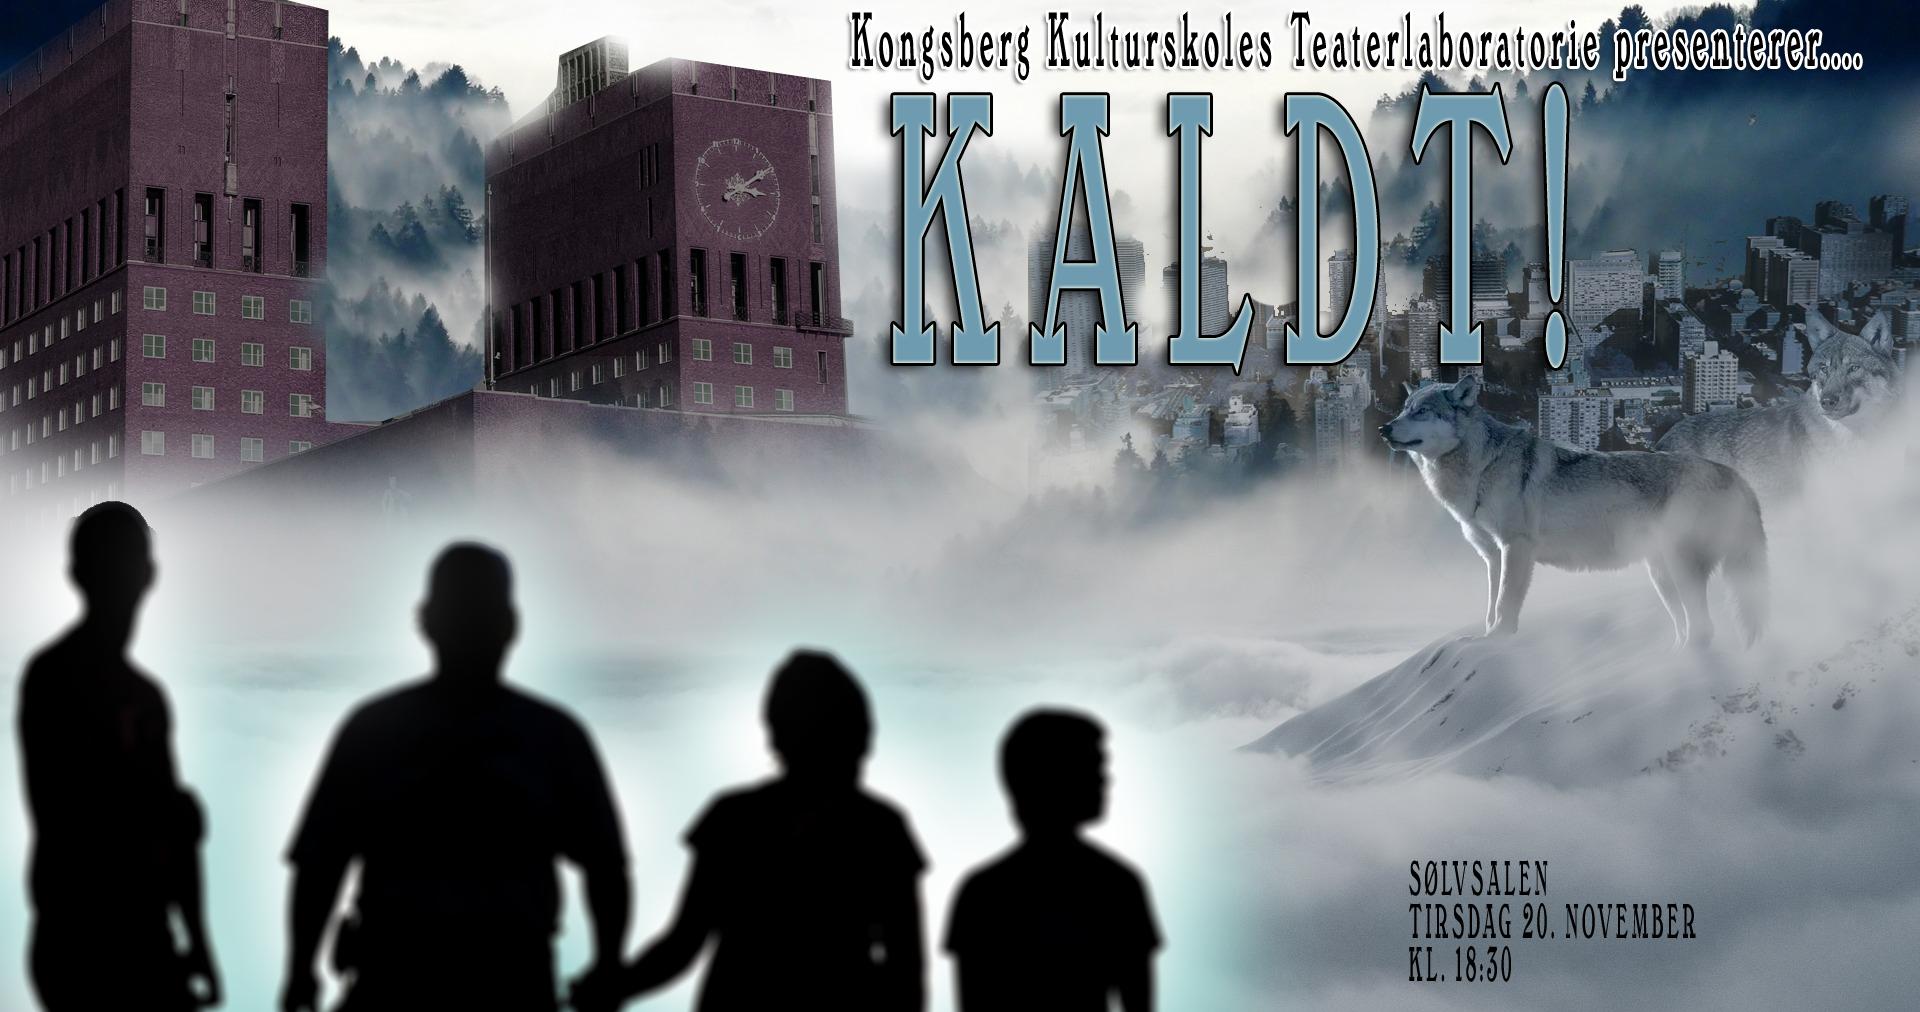 """Kongsberg Teaterlaboratorium har laget forestillingen """"KALDT!"""" so balanserer humor og dramatikk i et postapokalyptisk landskap."""